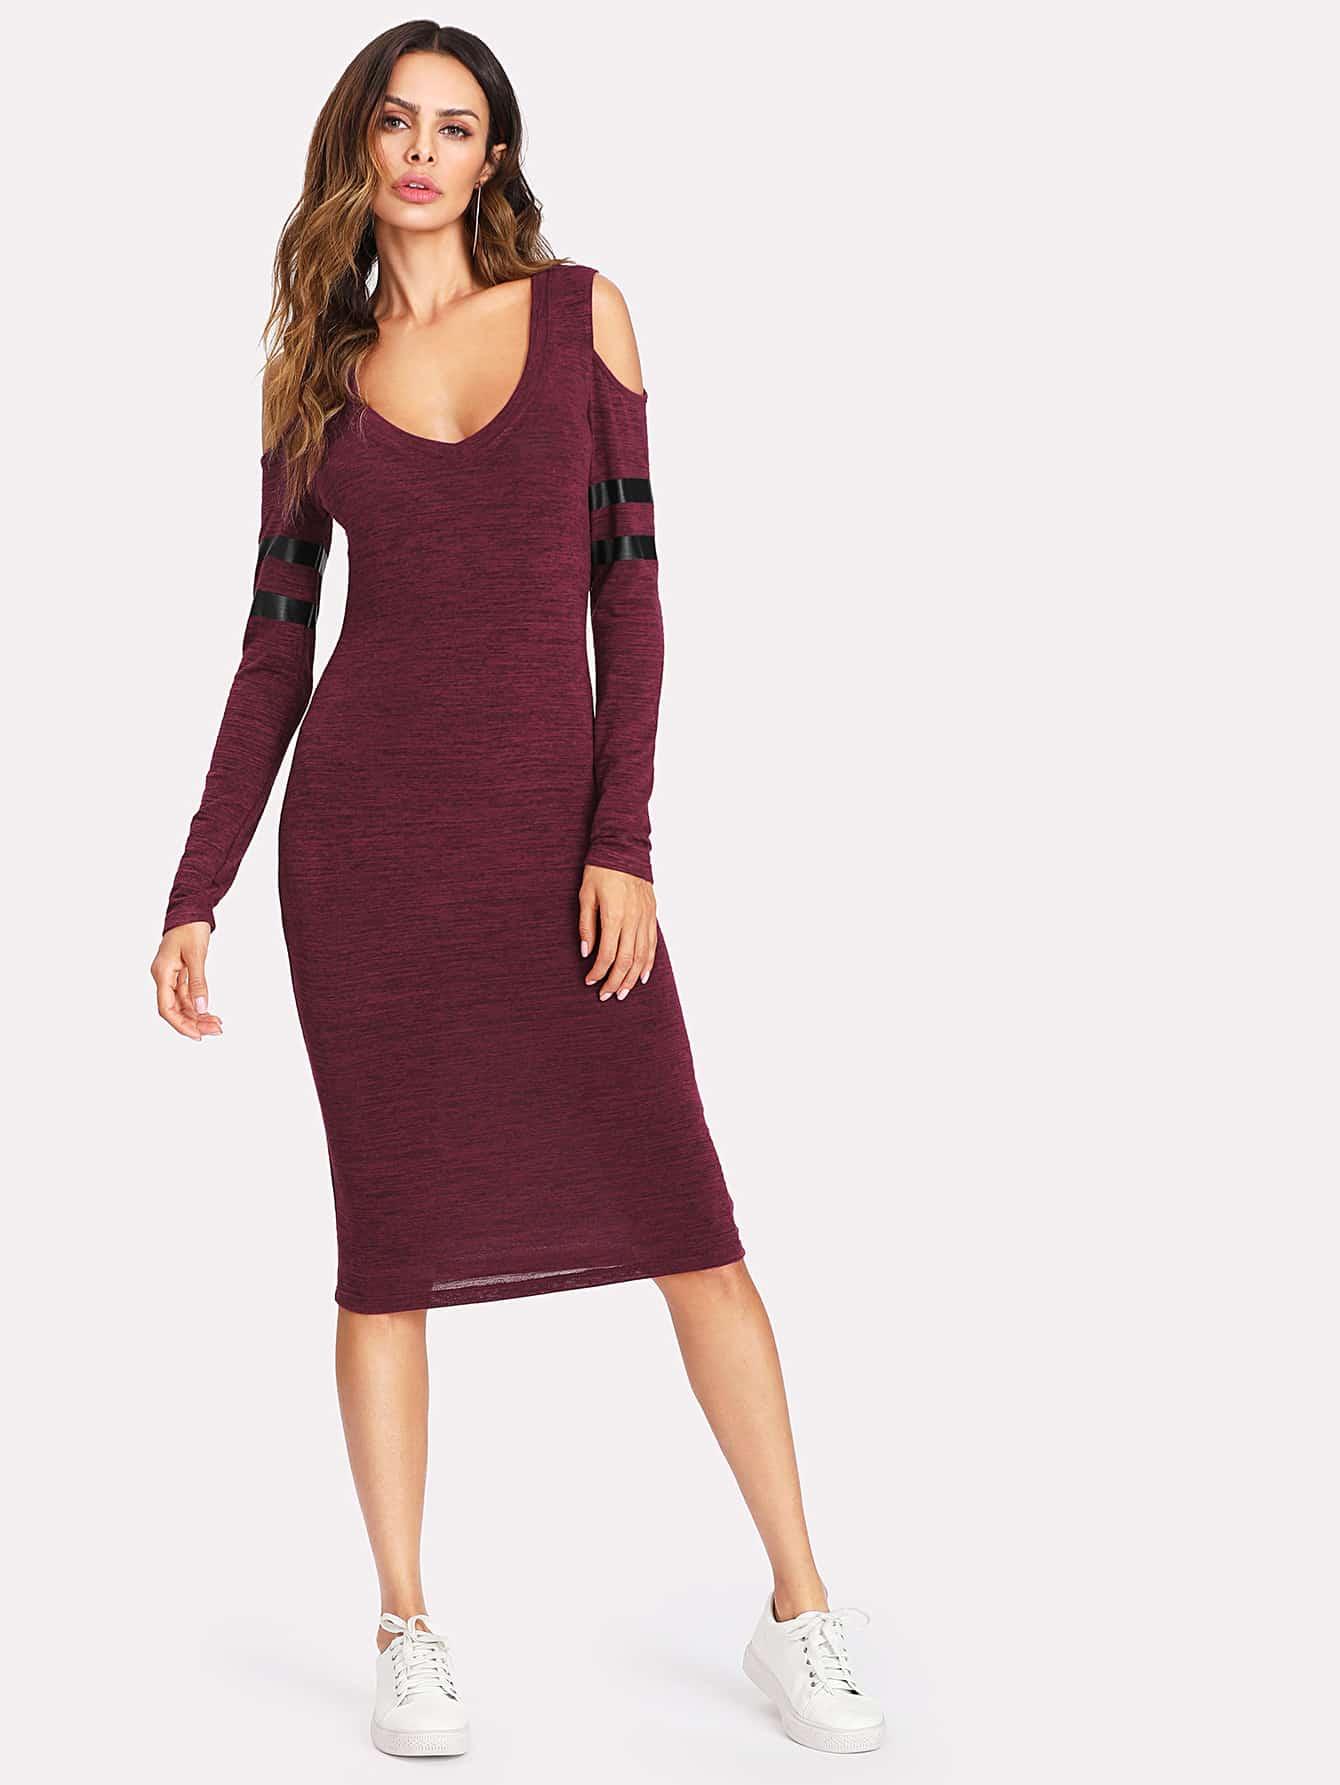 Open Shoulder Striped Sleeve Marled Knit Dress drop shoulder marled sweatshirt dress with corset belt